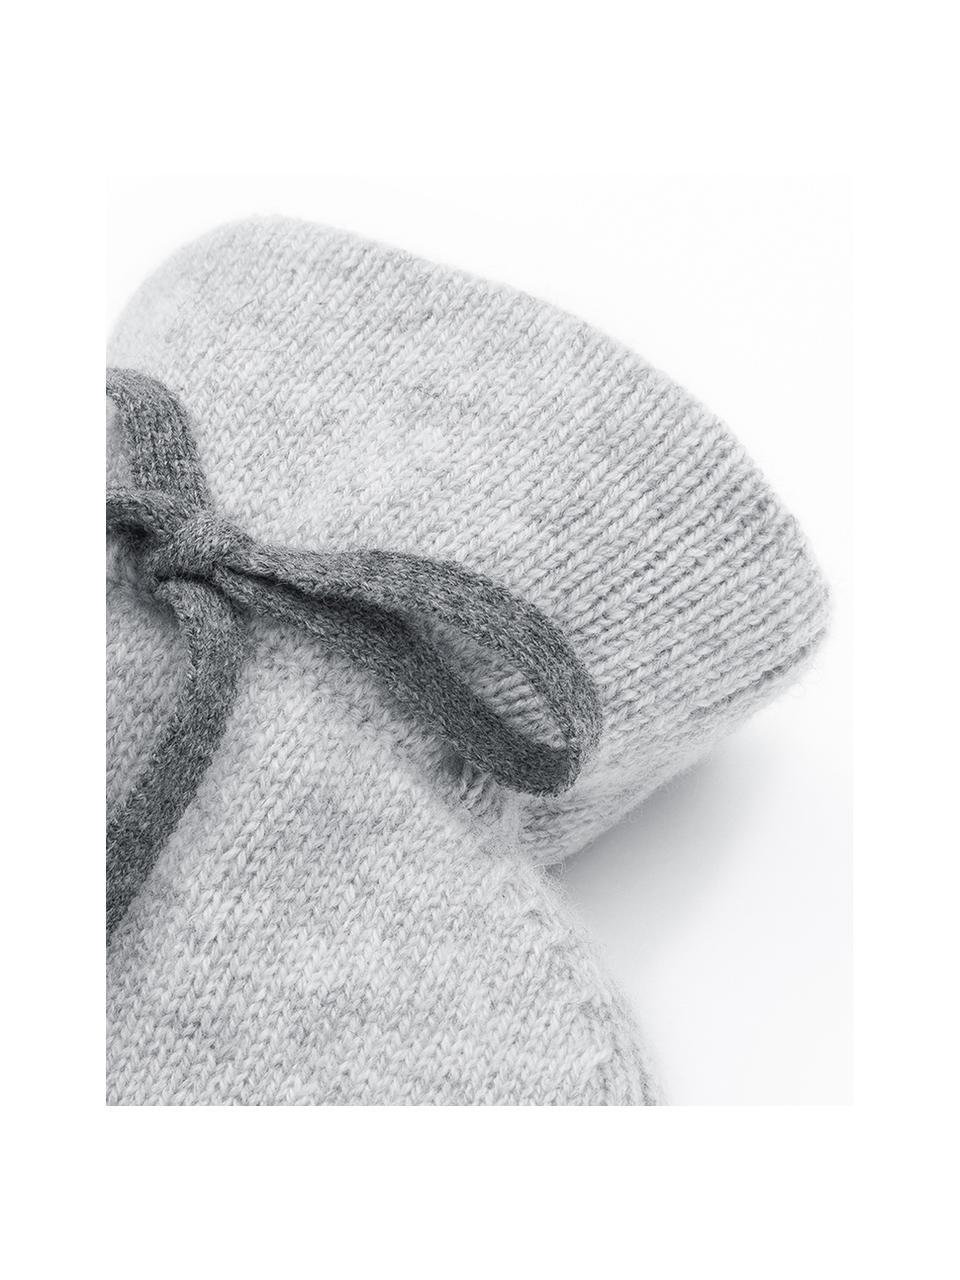 Kaschmir-Wärmflasche Florentina, Bezug: 70% Kaschmir, 30% Merinow, Bezug: HellgrauZierschleife: DunkelgrauWärmflasche: Cremeweiß, 19 x 30 cm